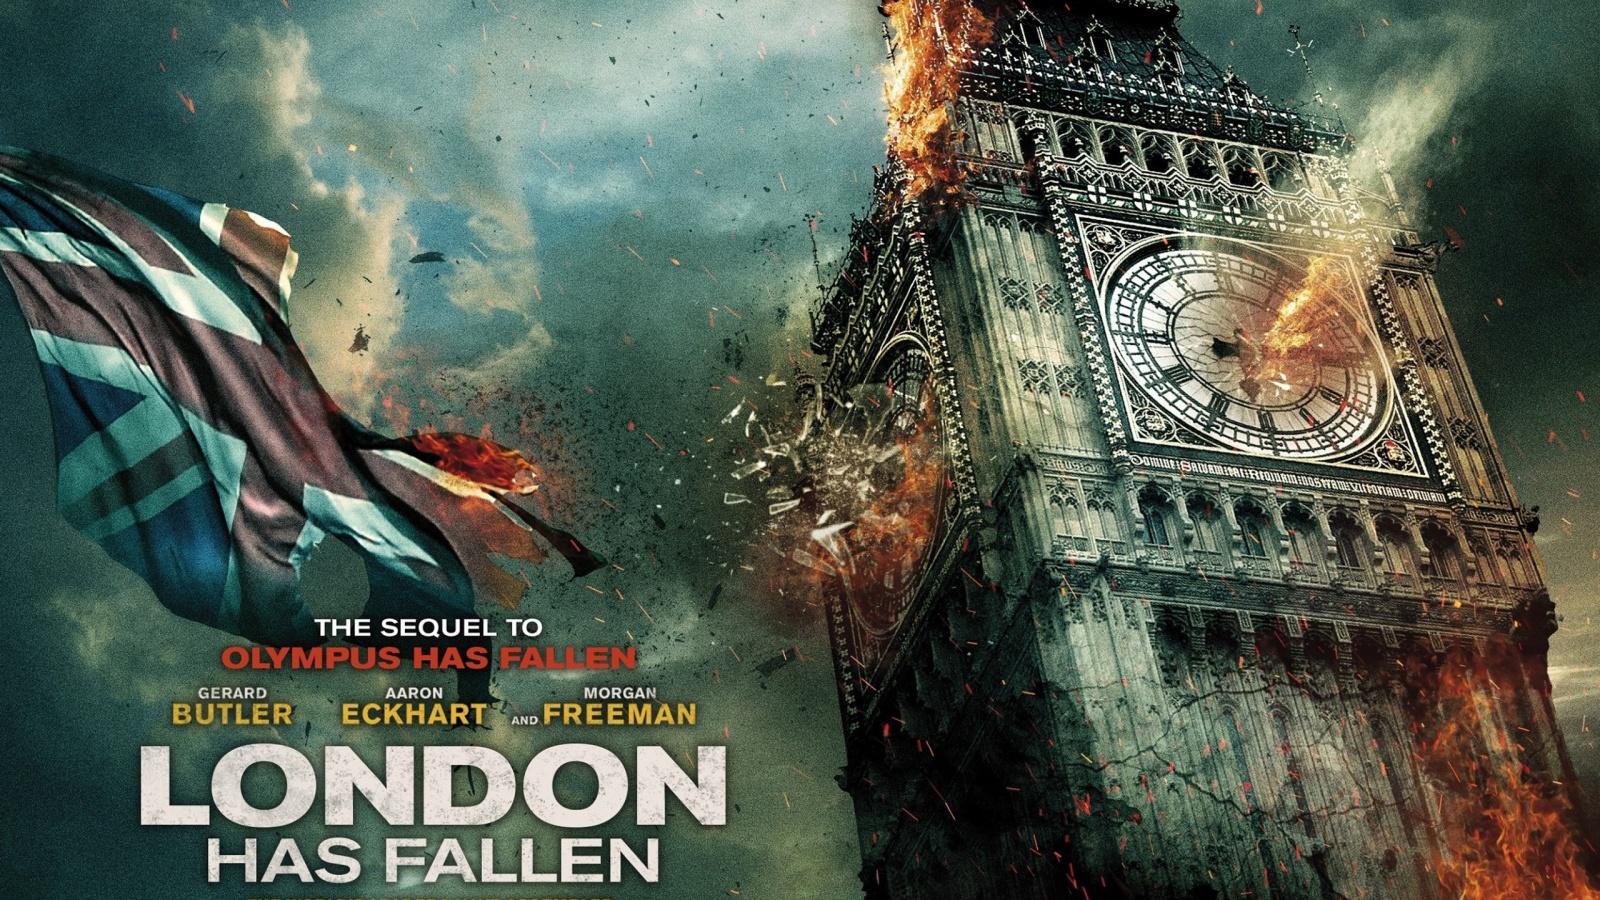 London Has Fallen 2015 Movie Wallpapers HD Wallpapers 1600x900